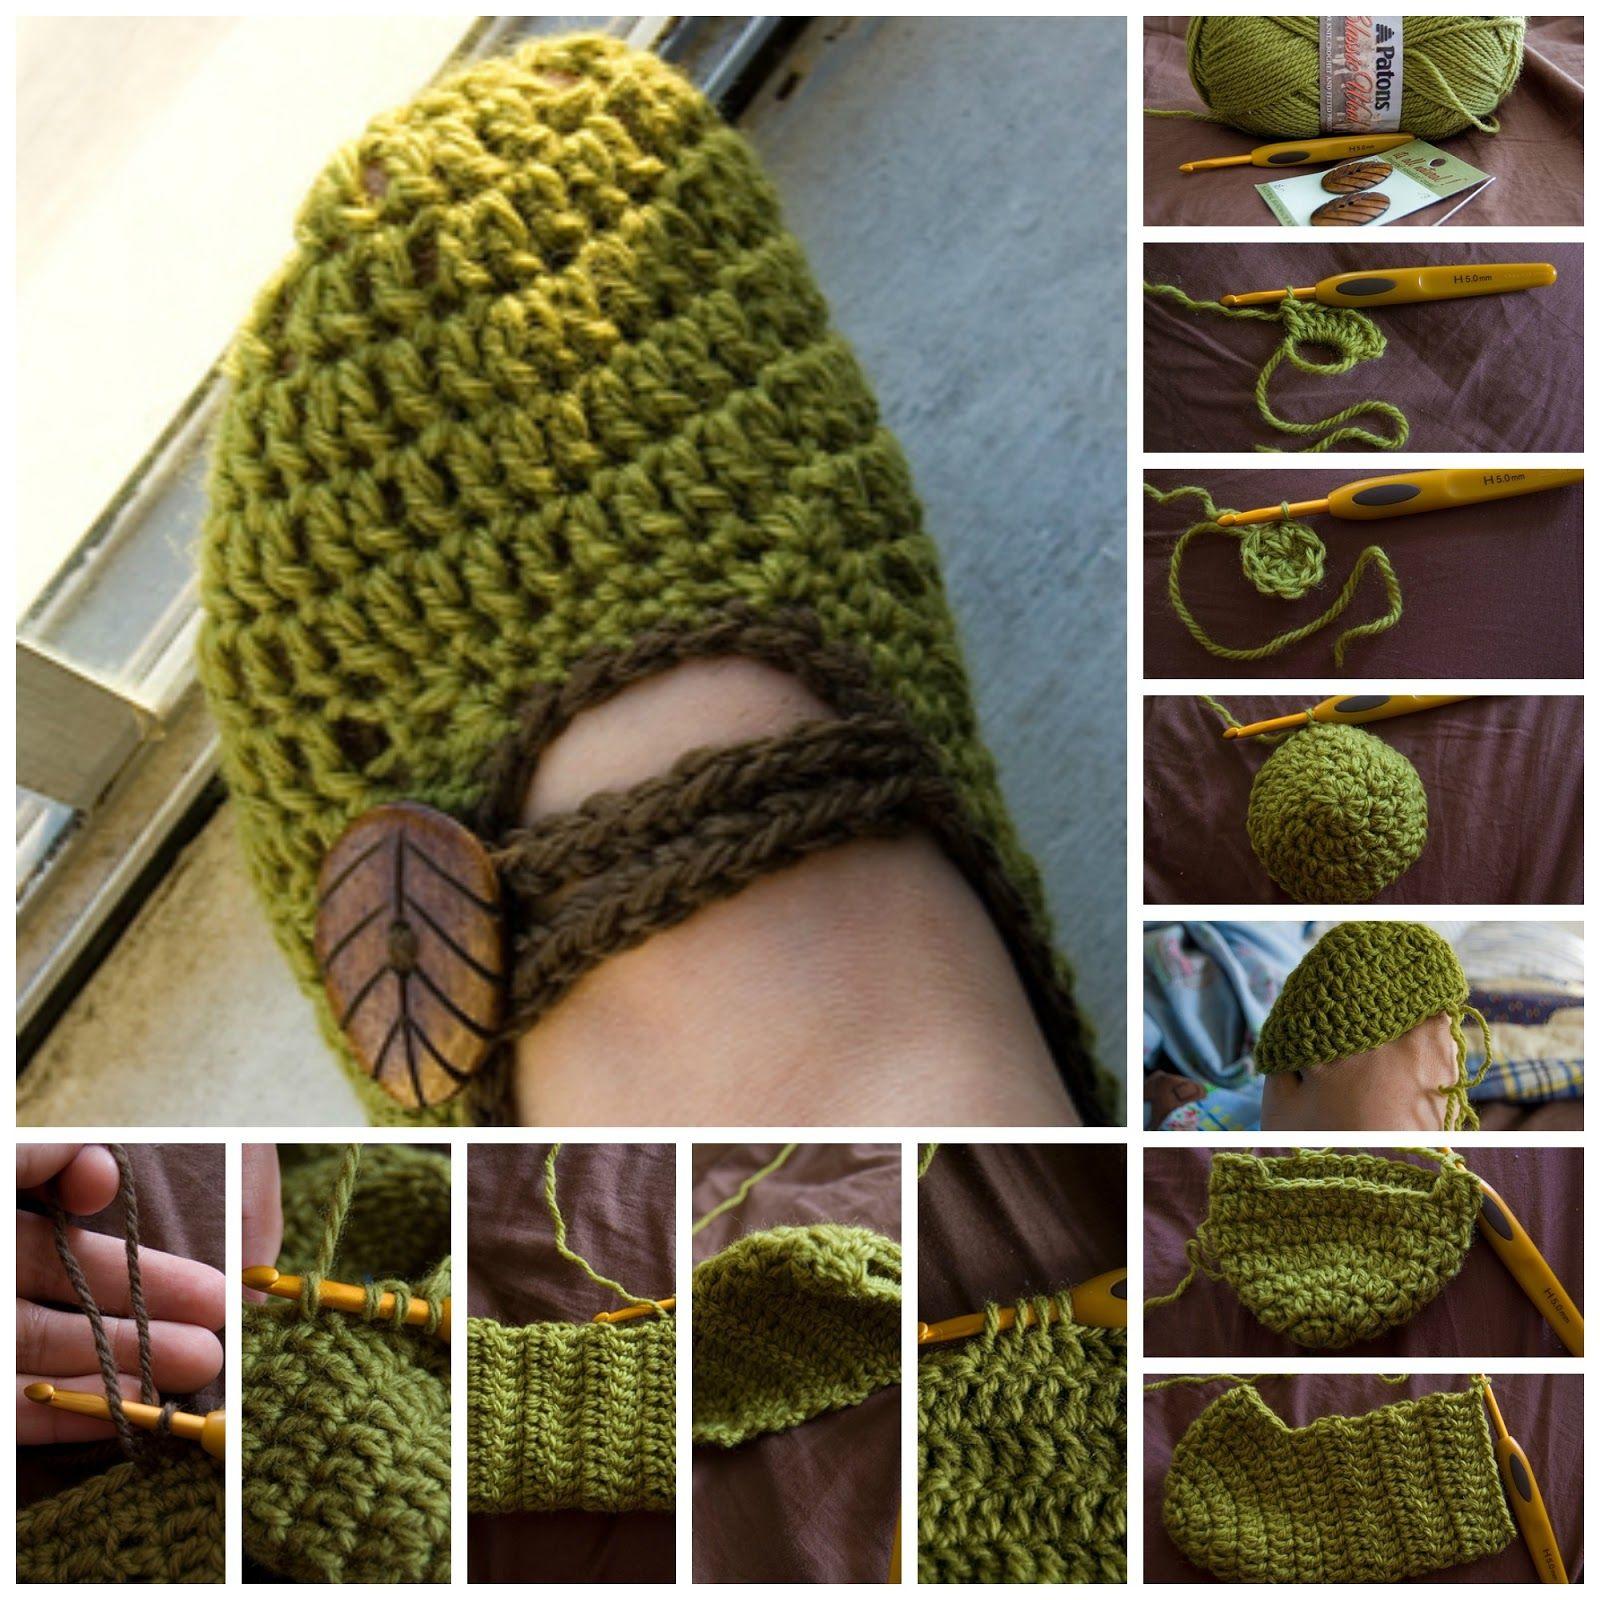 Patrones Crochet: 10 Zapatillas Bailarinas de Crochet Patrones ...